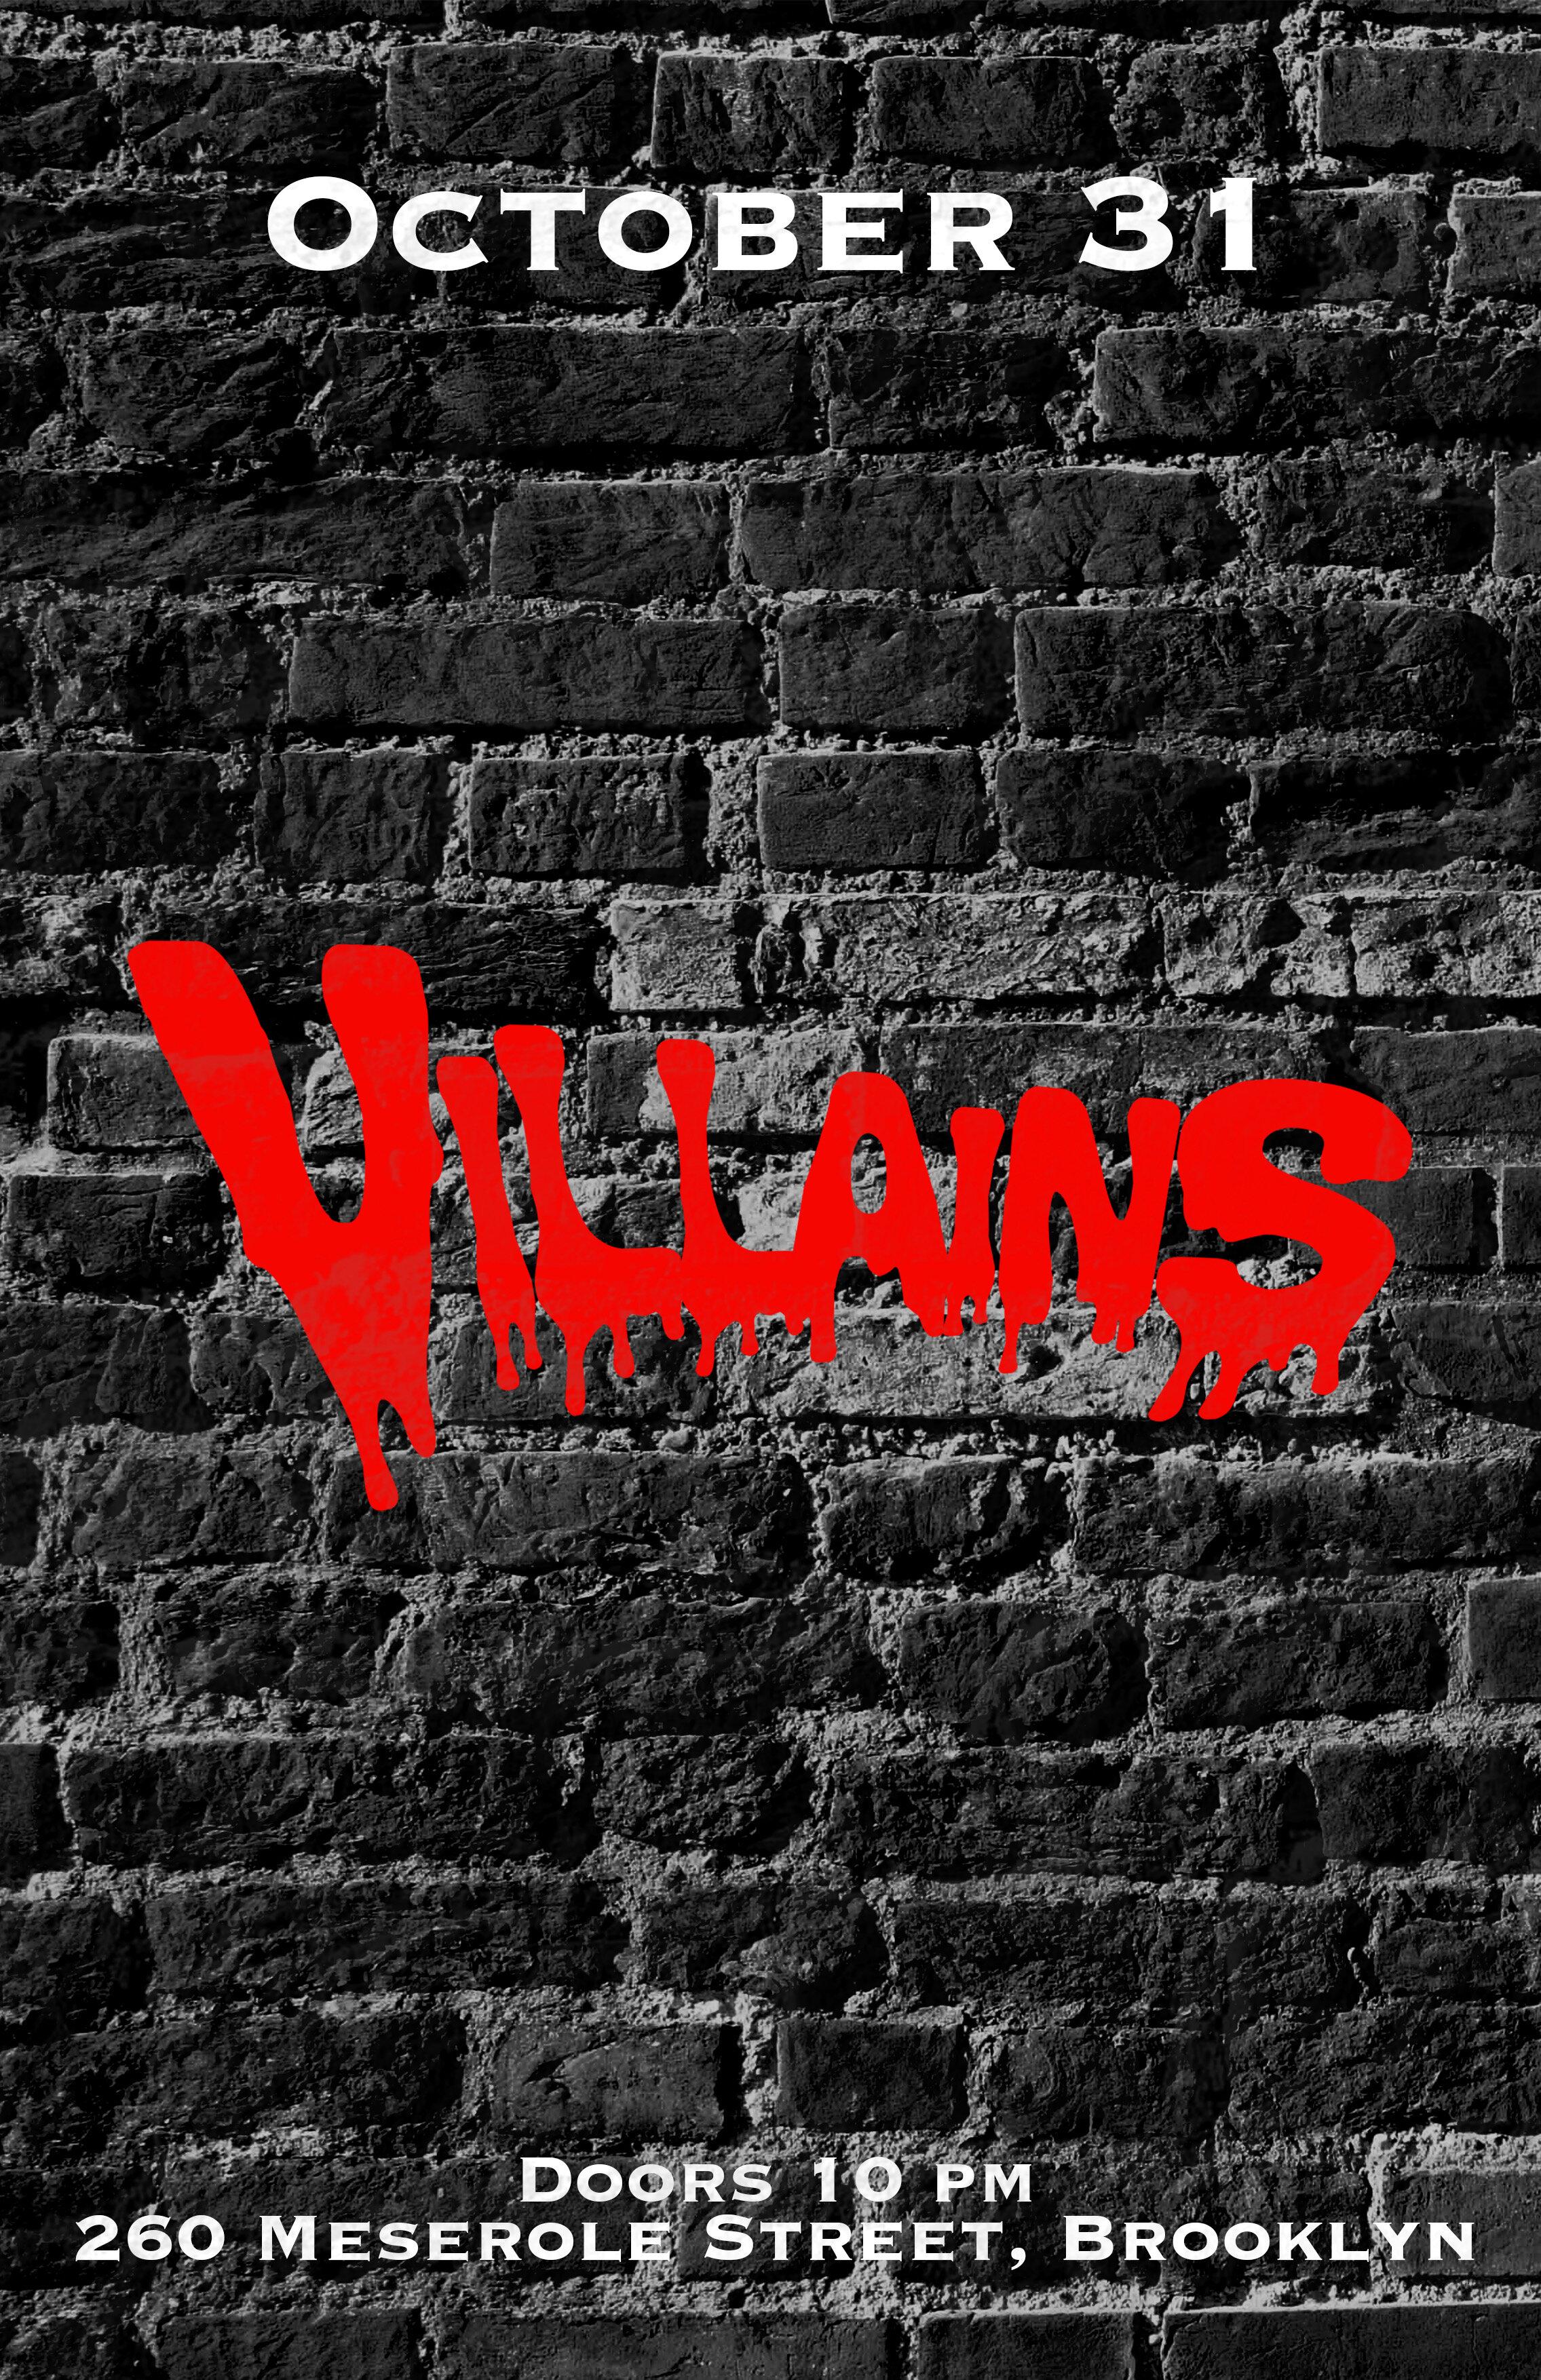 Villains written on a wall